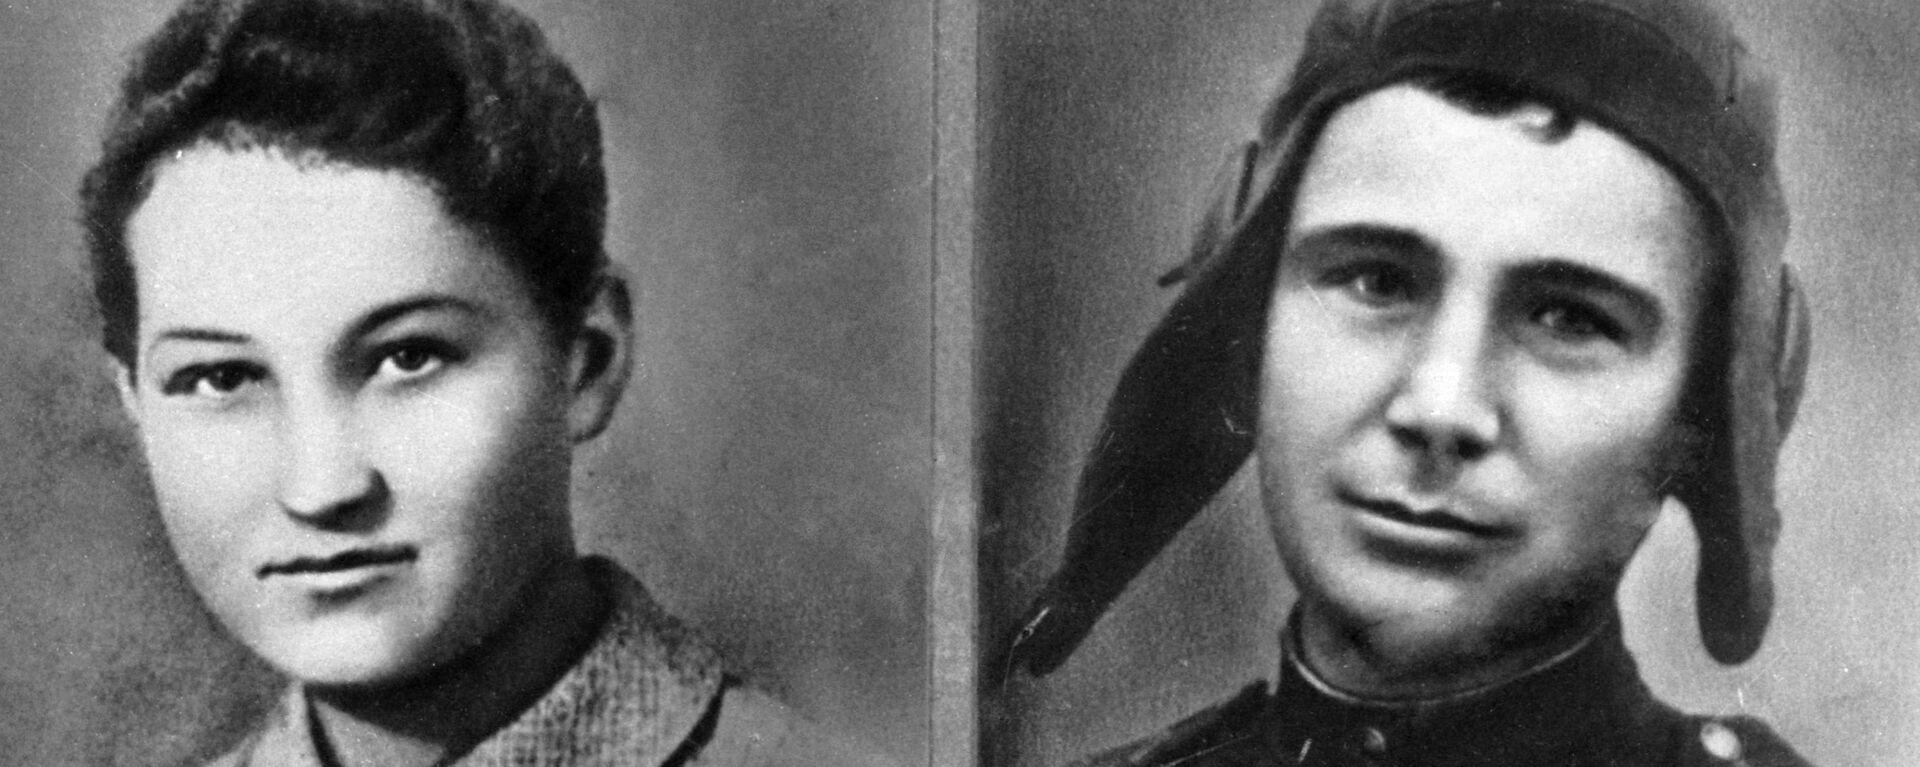 Zoya Kosmodemiánskaya y Alexandr Kosmodemianski - Sputnik Mundo, 1920, 14.04.2020